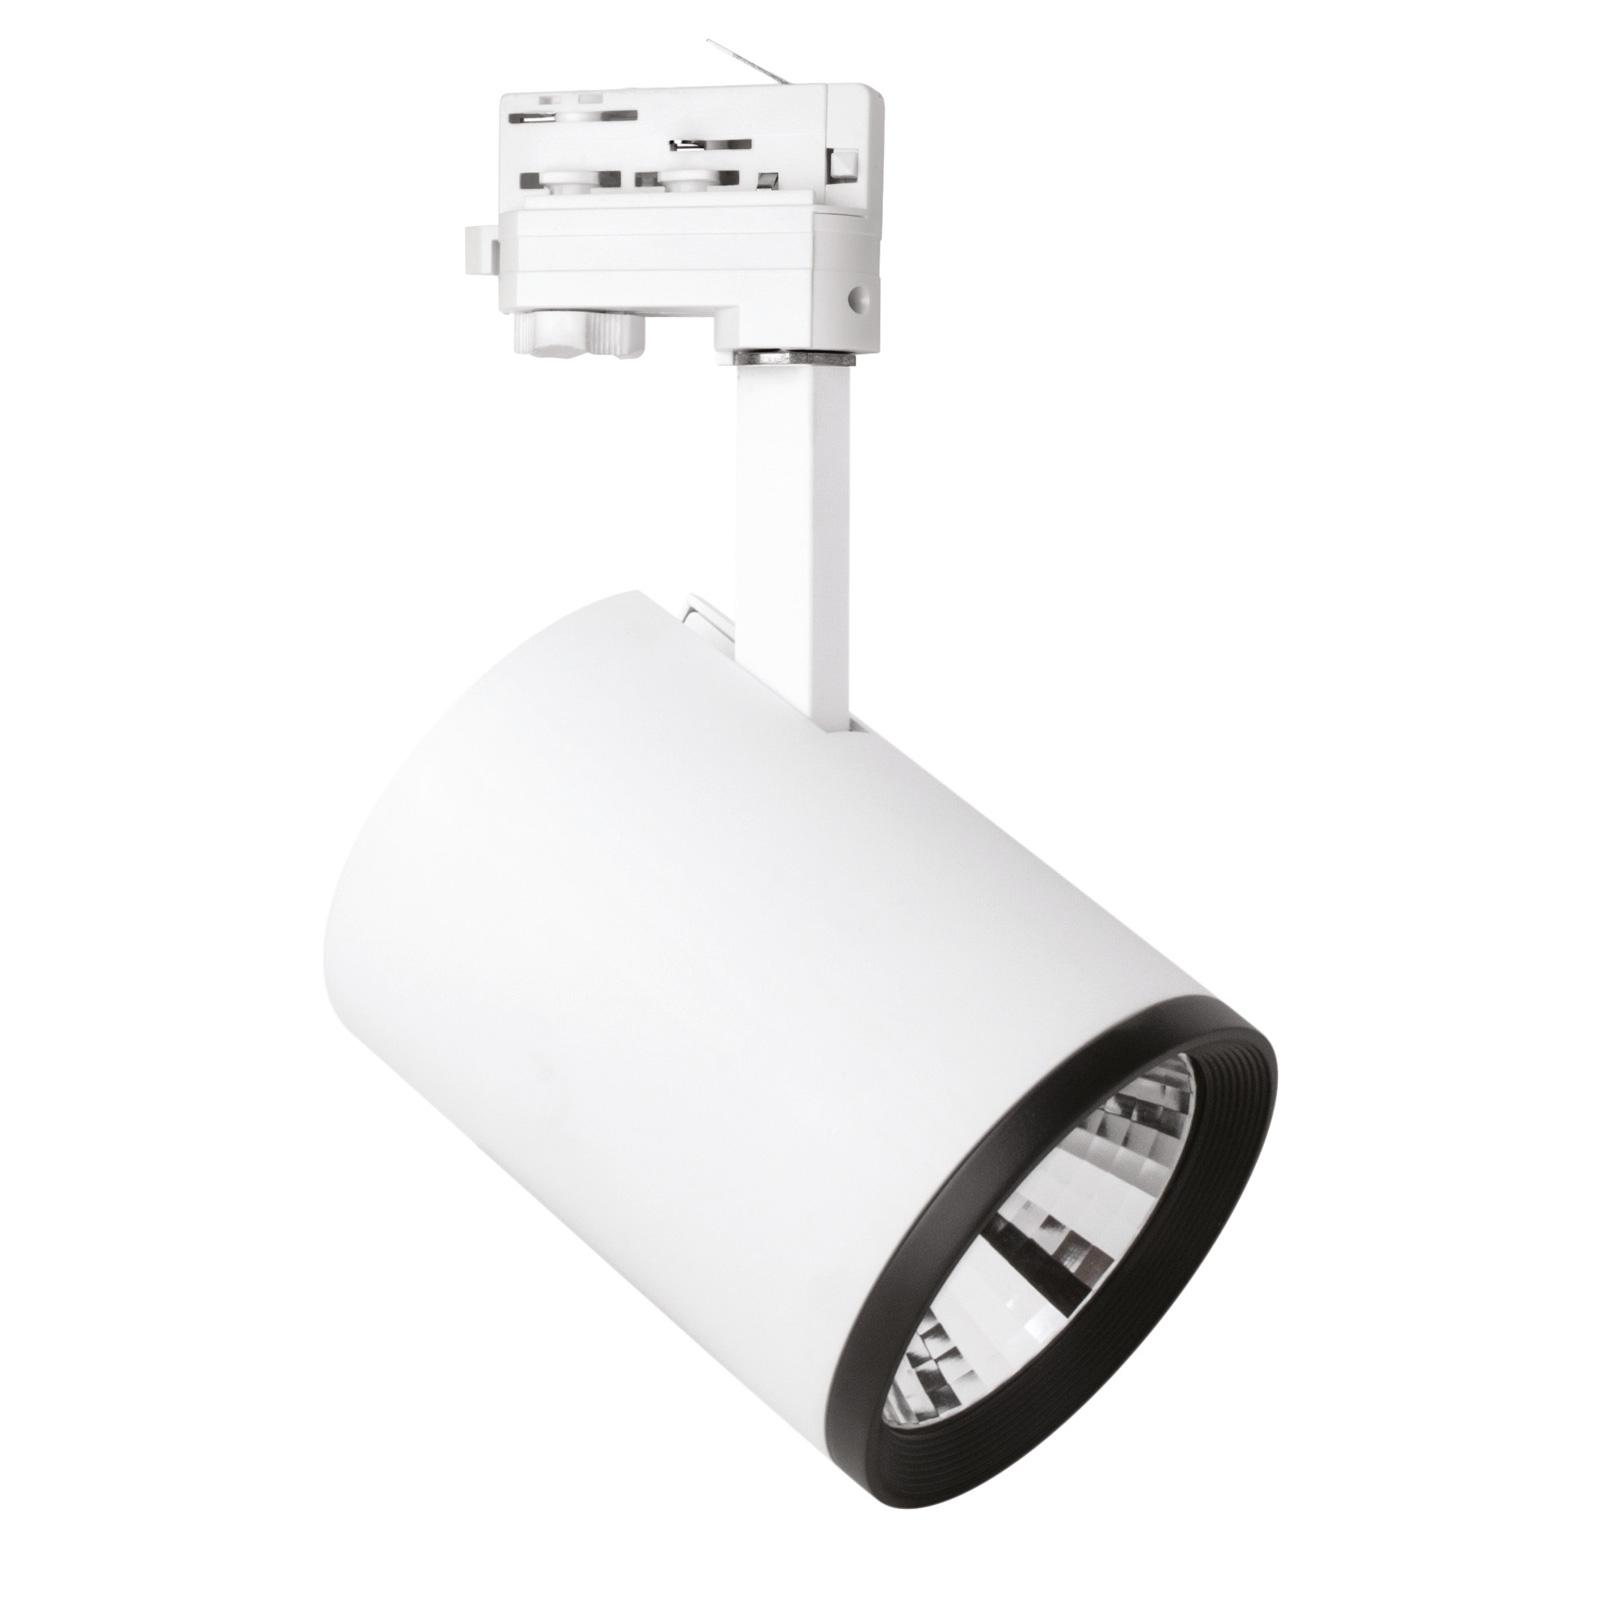 LED-Spot Marco für 3-Phasen-Schiene weiß 3.000K